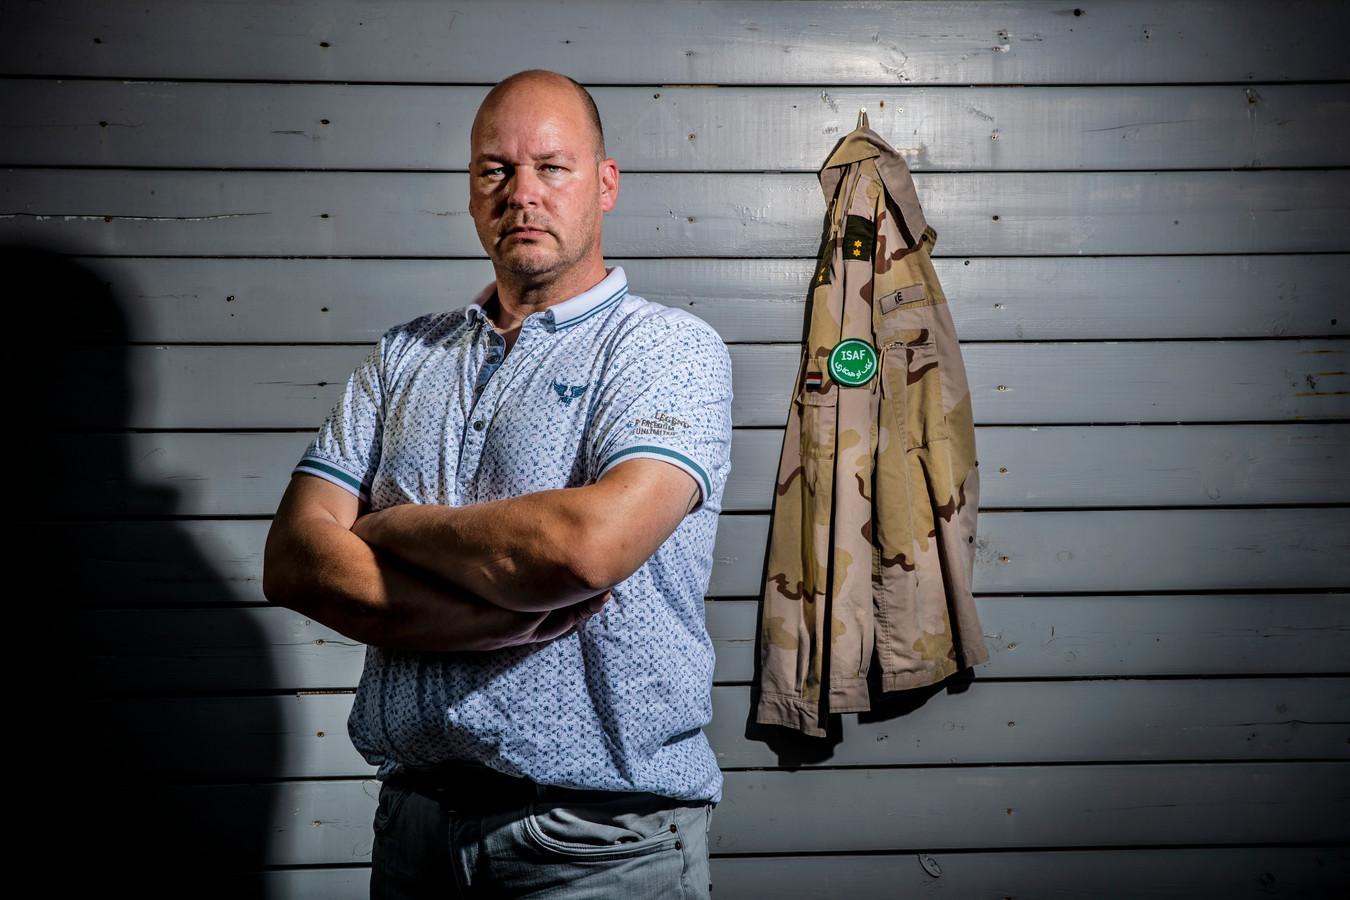 """Erik Krikke (44) uit Steenwijk verwerkt zijn trauma's uit Afghanistan door muziek te maken met zijn band 7even Bridges. Hun nieuwe album A Million Voices komt op 10 september uit. ,,Het is heel dubbel."""""""